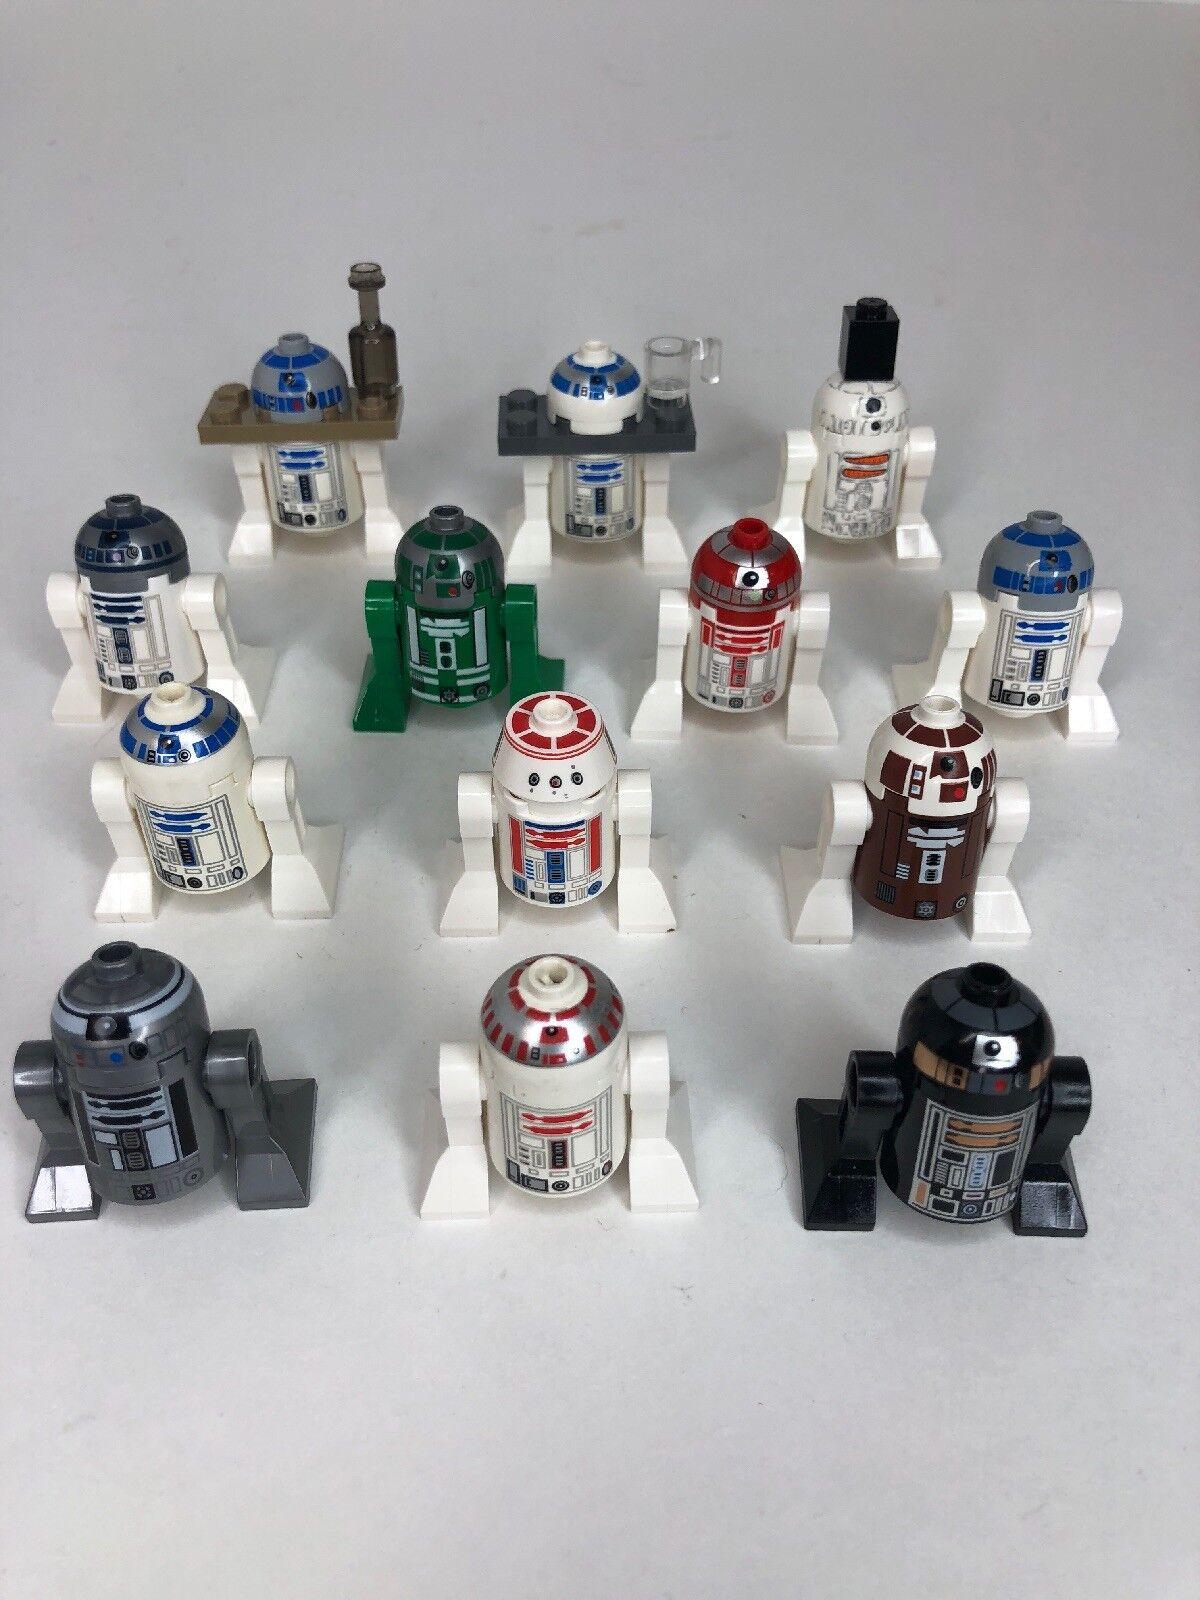 LEGO STAR  WARS Lot of 13 Minifigures Astromech droïdes R2-D2 R2-Q5 plus  M  authentique